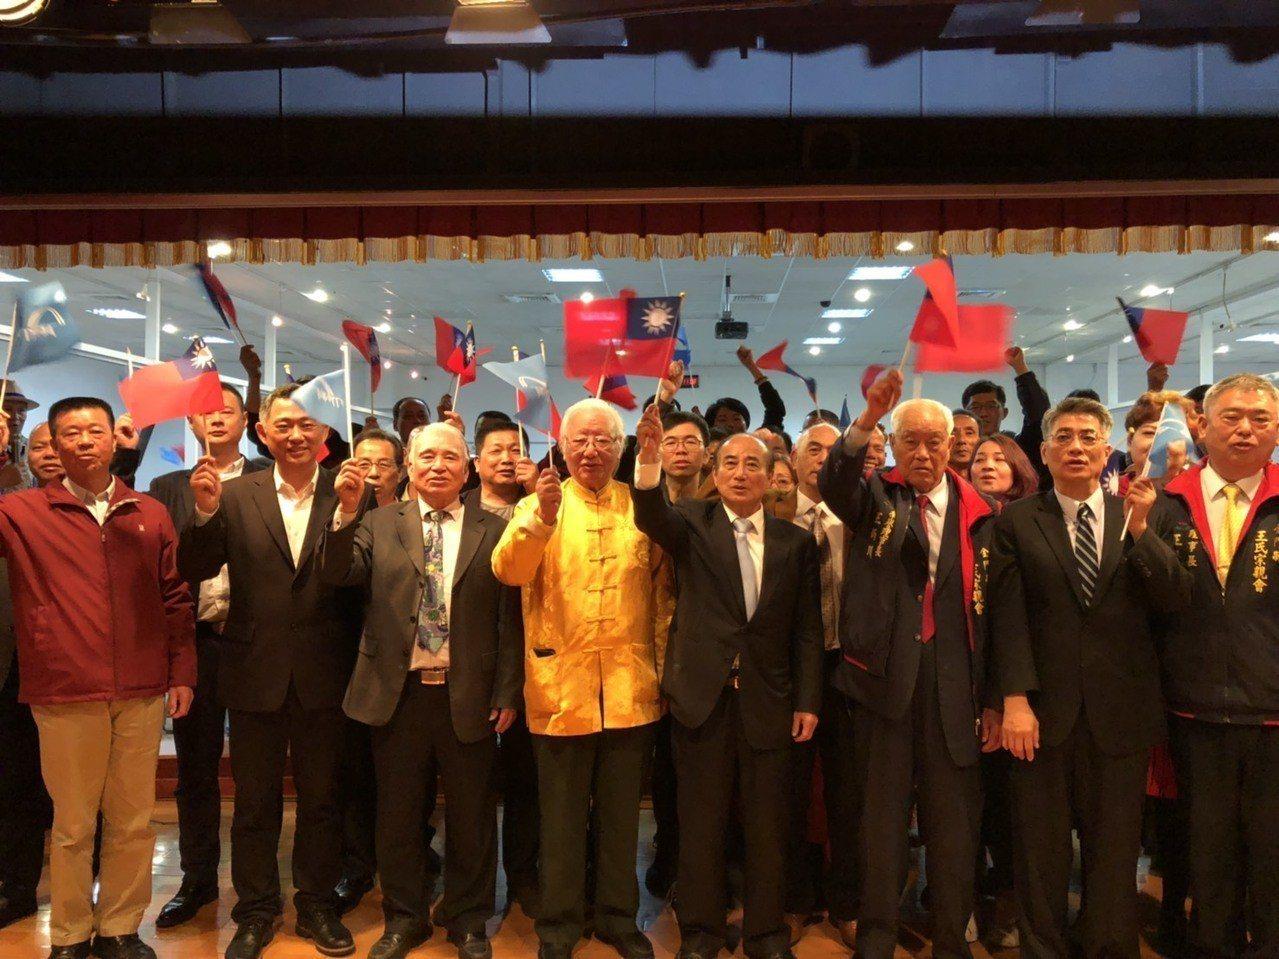 前立法院長王金平今日在金門成立國內首個「後援會」,會場湧入上千位民眾參與,讓王金...